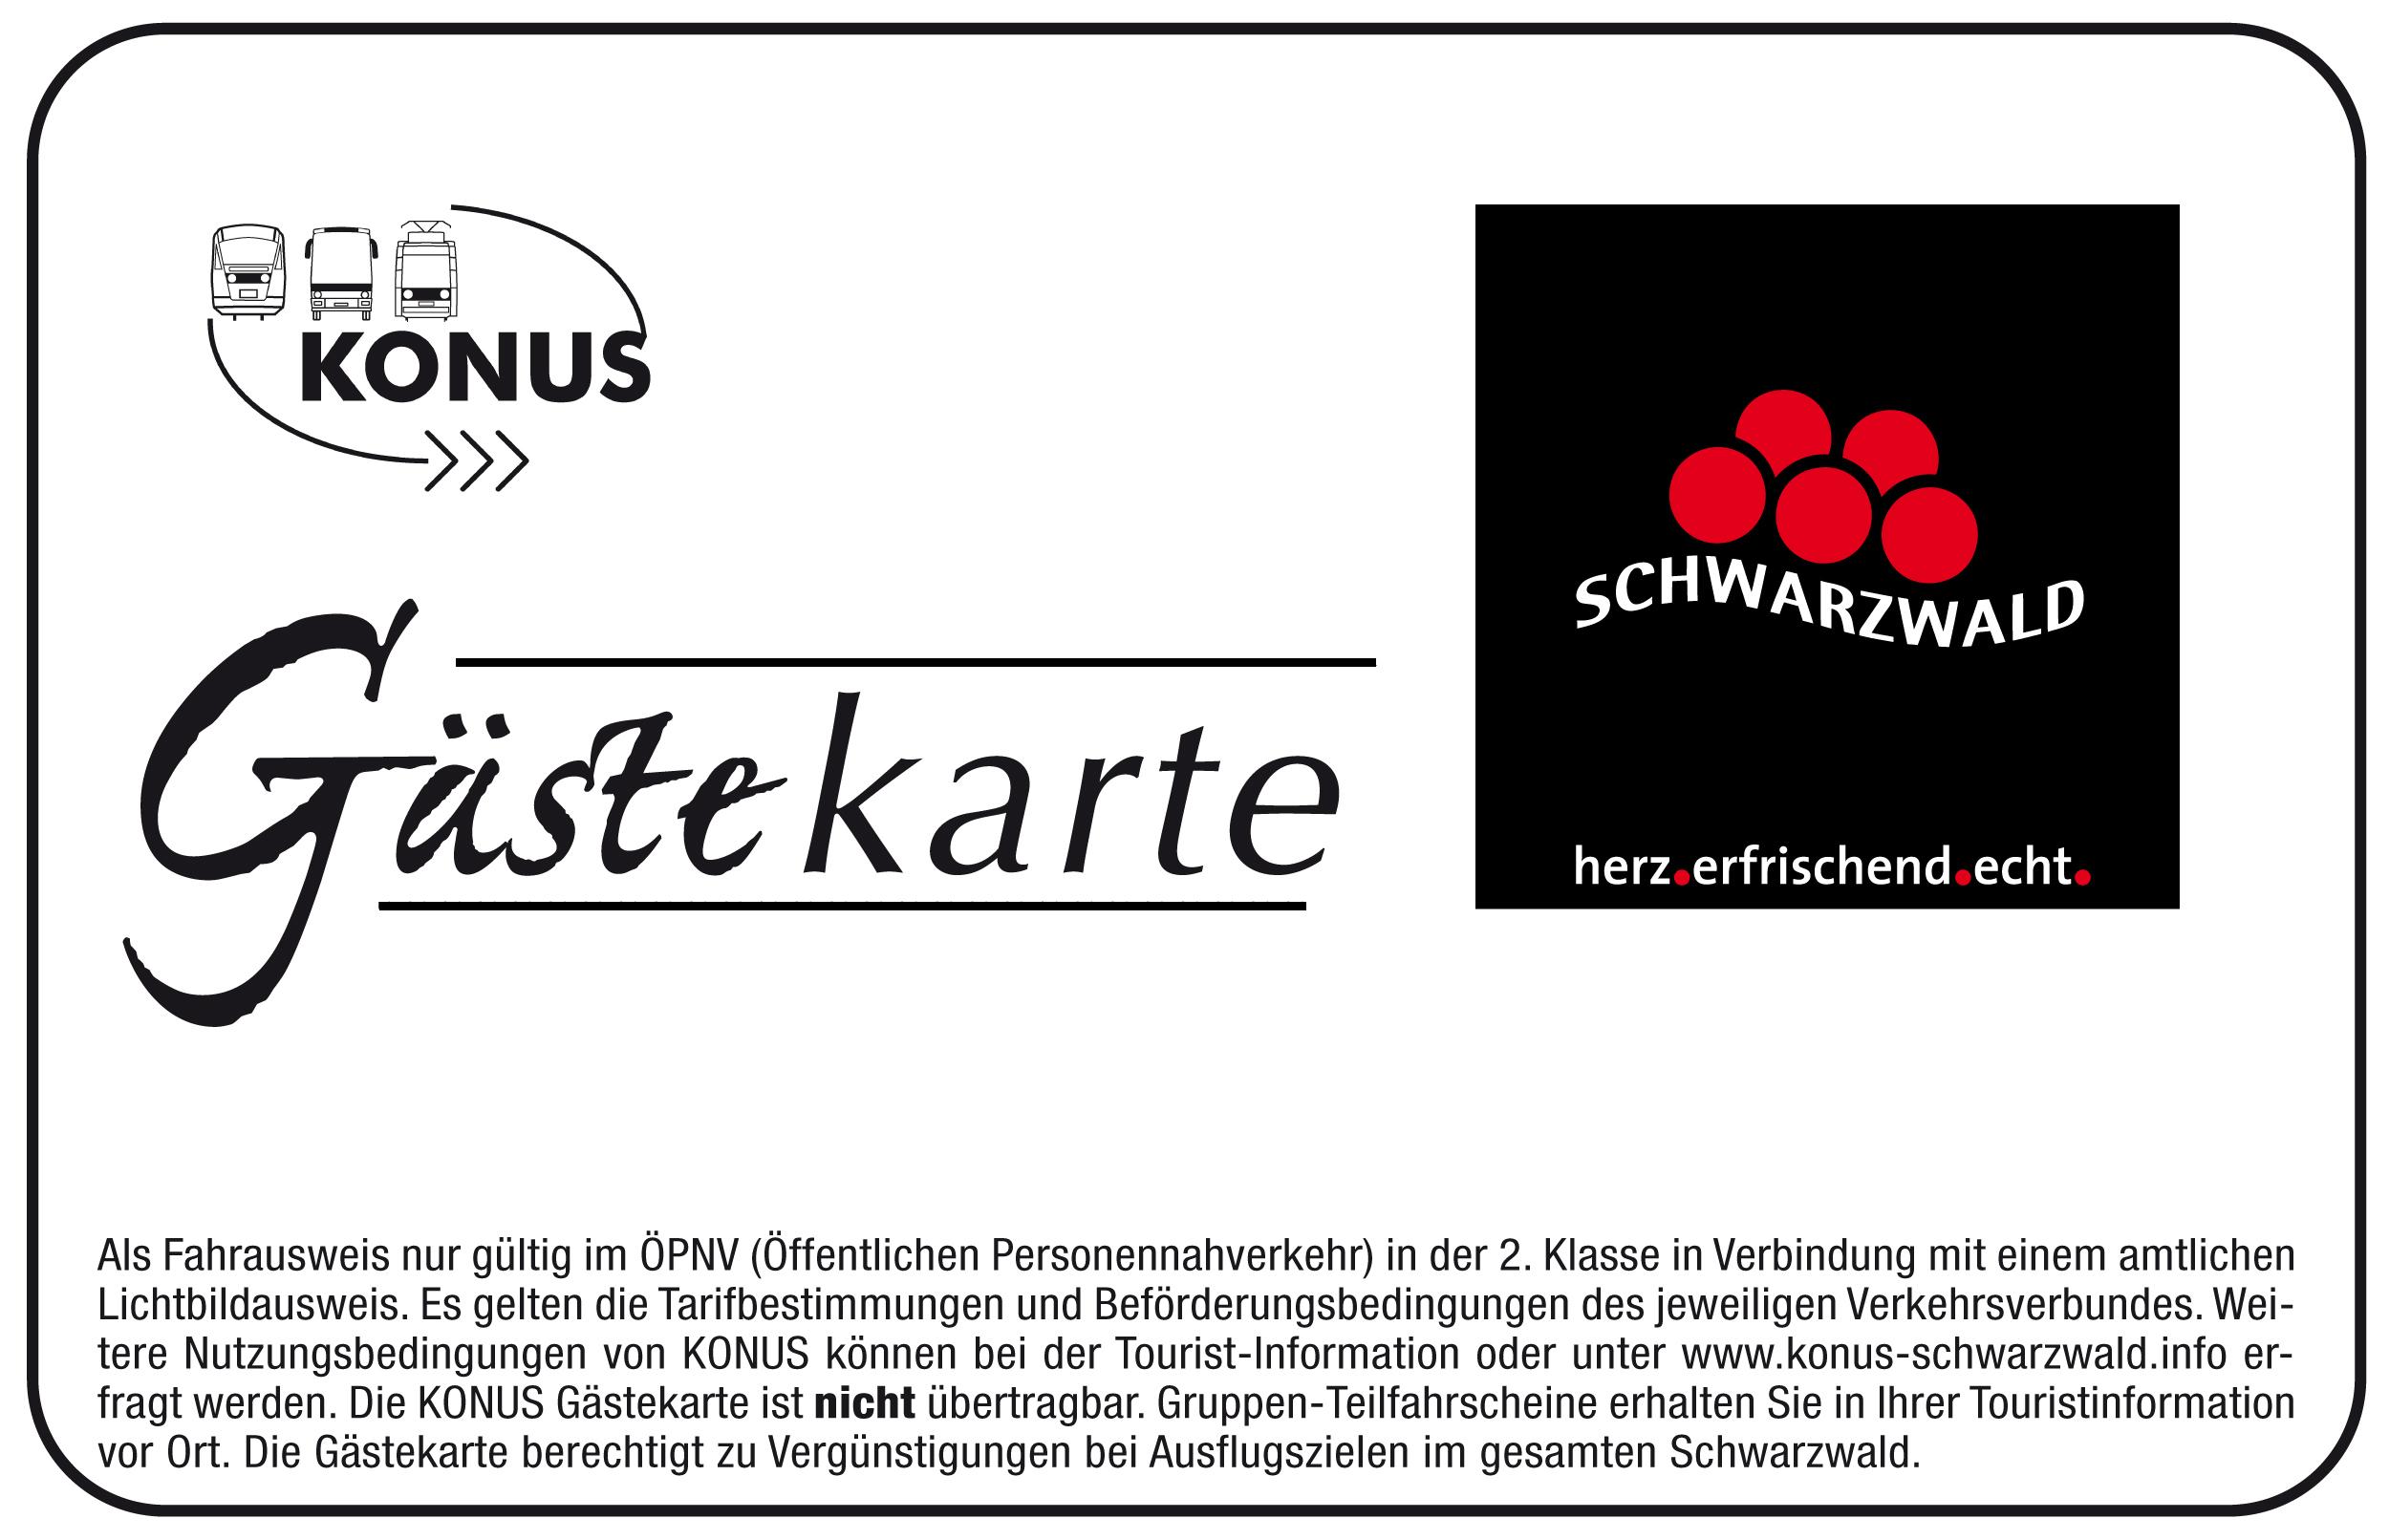 KONUS-Gästekarte Schwarzwald, © STG